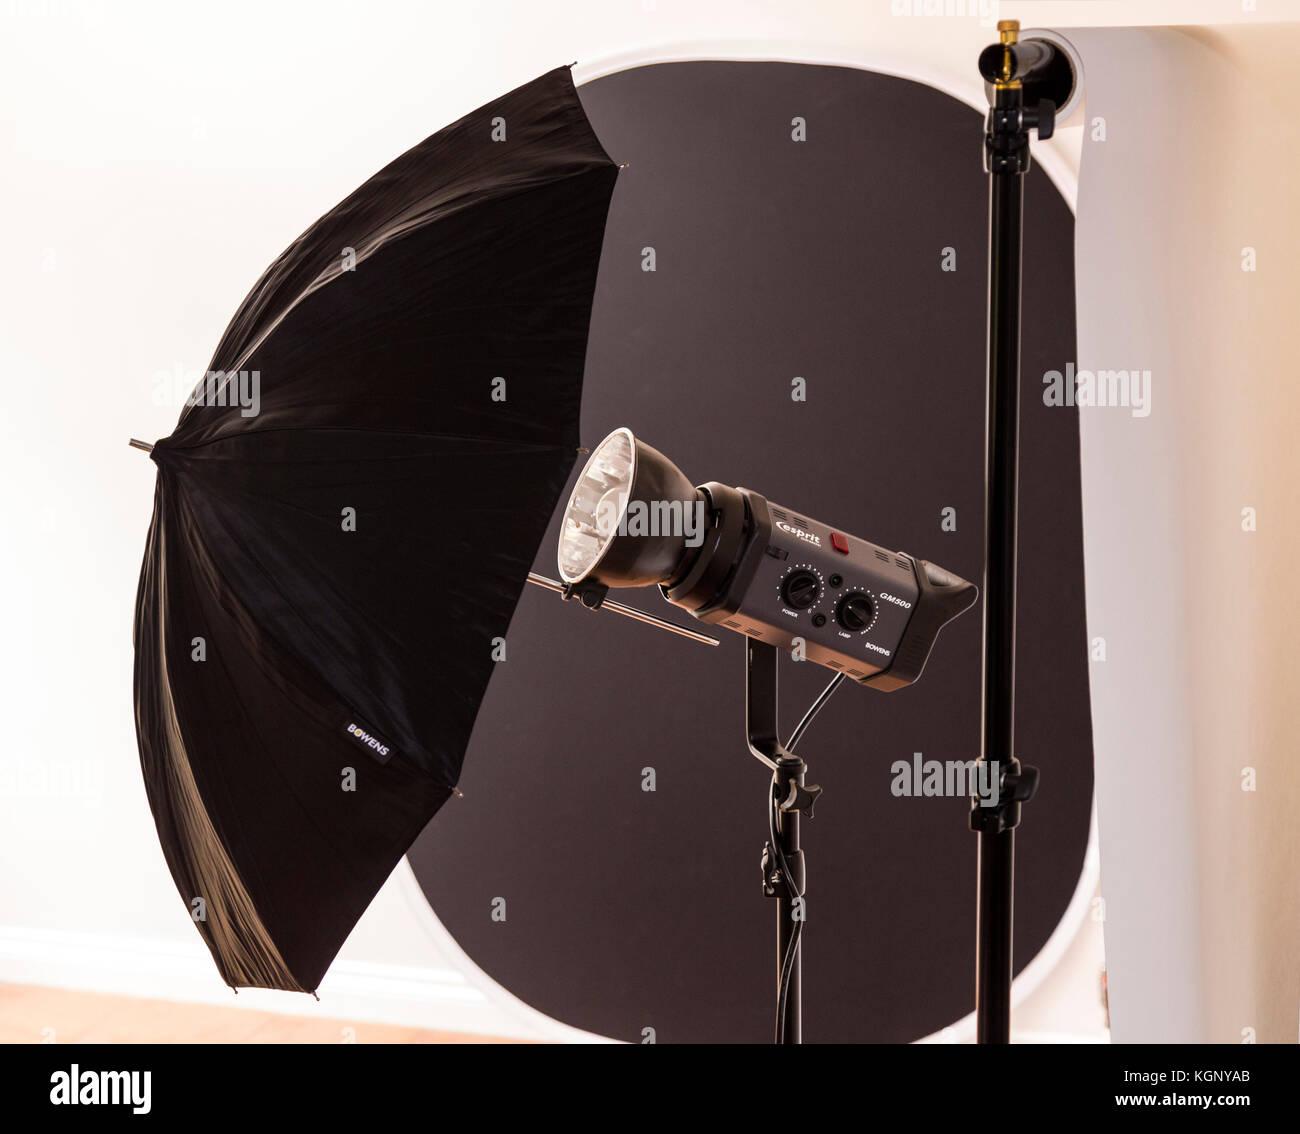 Estudio fotográfico equipmemnt Bowens, flash, rollo de papel como telón de fondo, y dorso negro plegable drop. Foto de stock